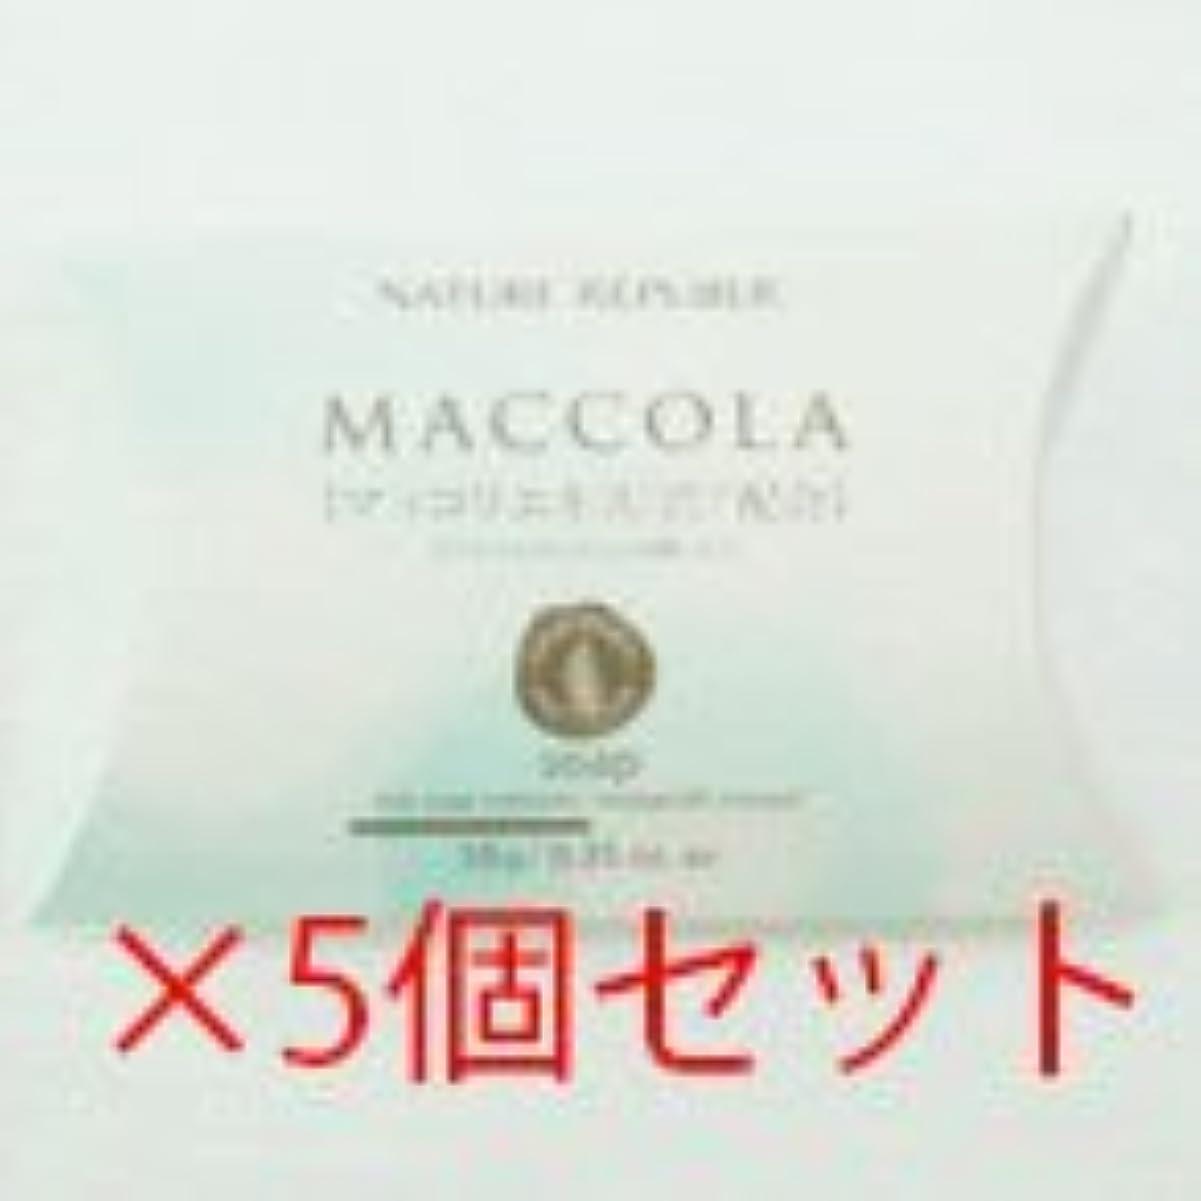 屋内正確なフラッシュのように素早くネイチャーリパブリック NATURE REPUBLIC (正規品) ネイチャーリパブリック マッコラ ソープ 10g×5